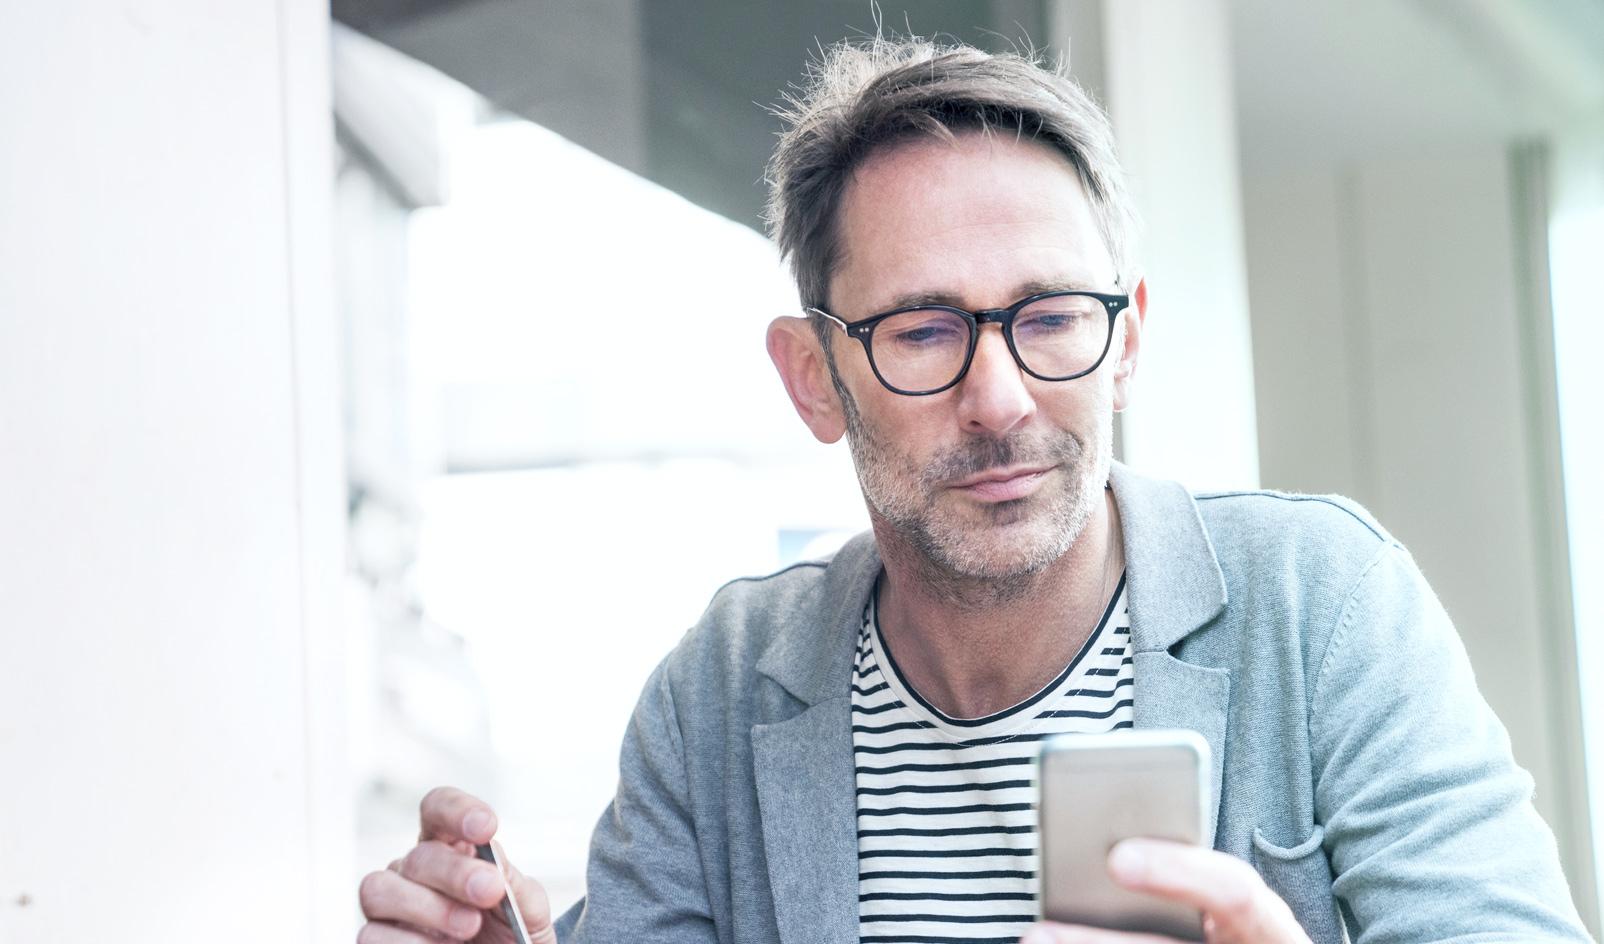 Zadowolony inwestor i klient LYNX, który handluje na giełdzie za pomocą smartfona